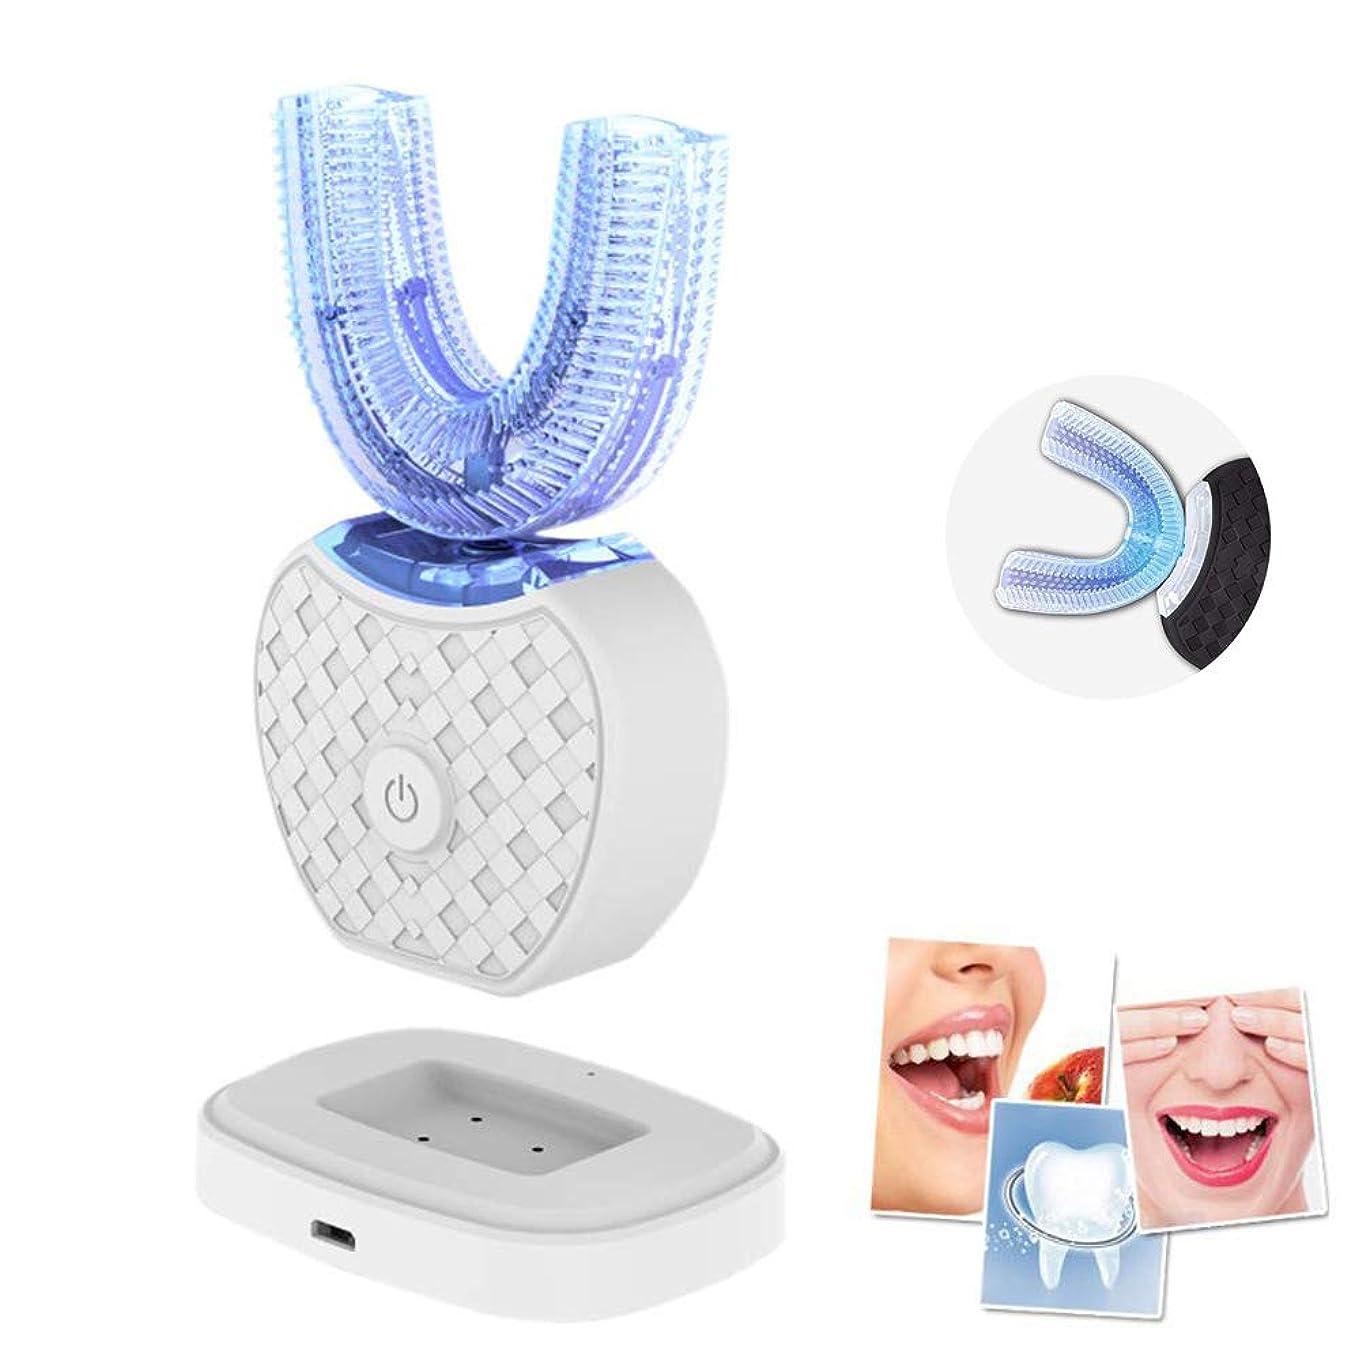 カウンターパートスクレーパー誰のスマート怠惰なシリコーン電動歯ブラシを360度ワイヤレス歯のクリーナーパーソナルケア、防水USB充電をホワイトニング